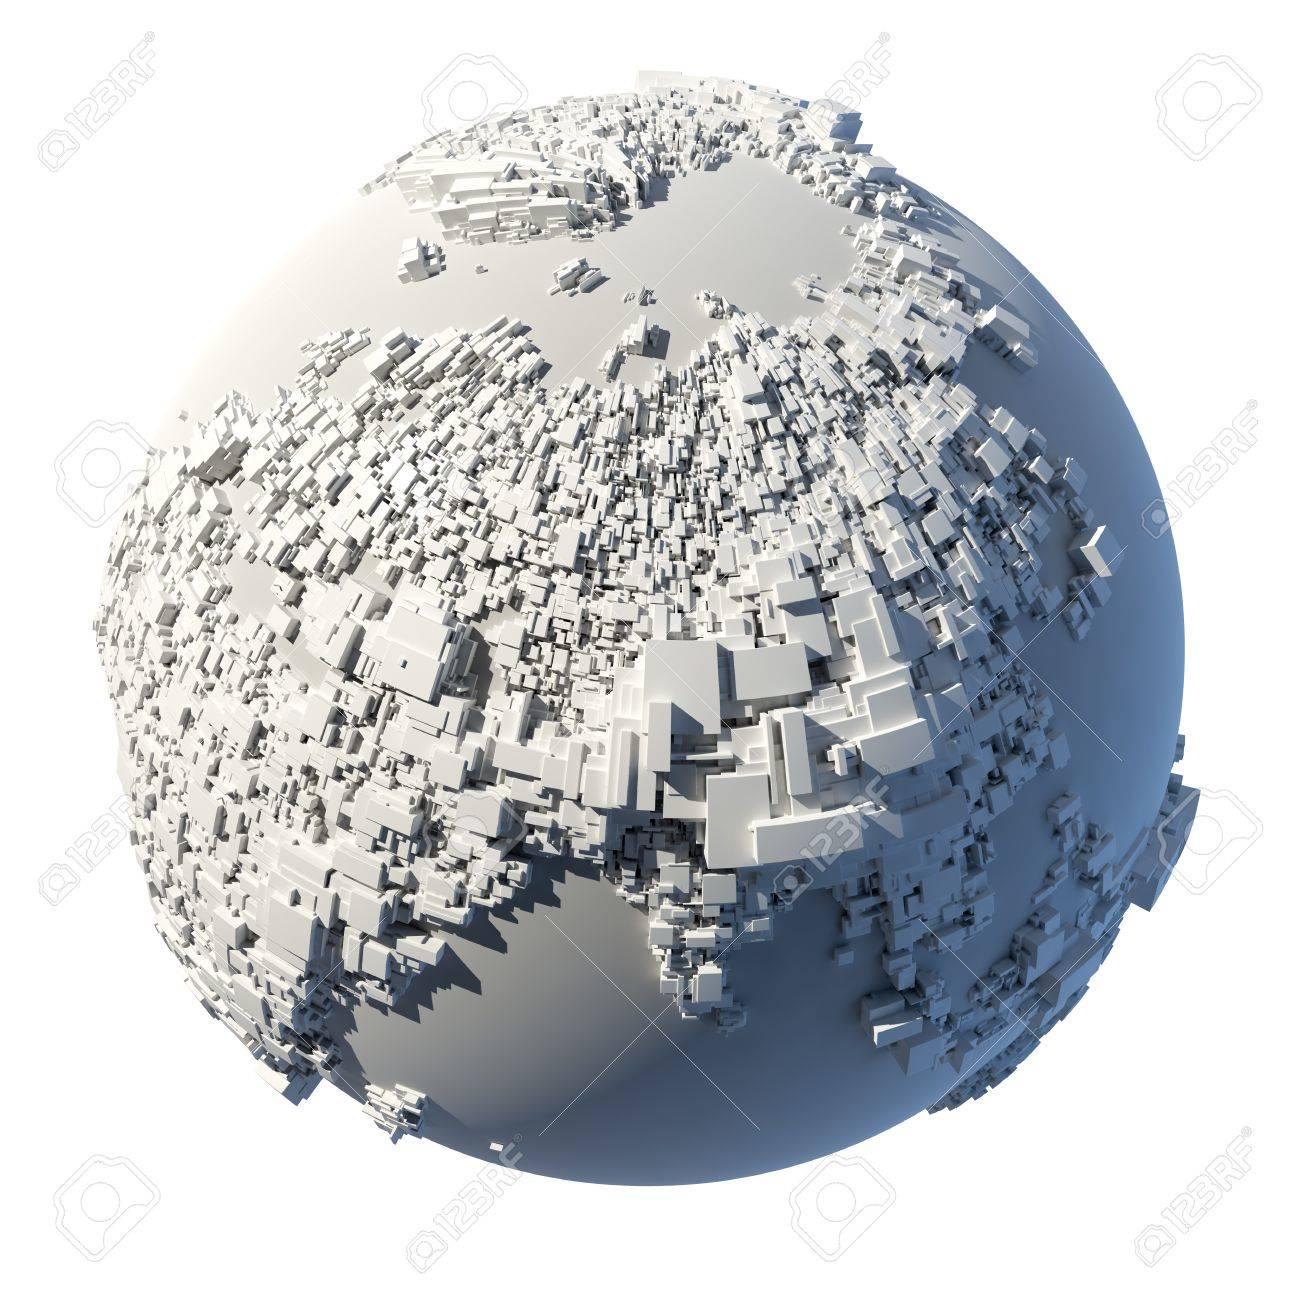 La Structure Complexe De La Terre Consistant En Une Forme Rectangulaire Cubes La Taille De Qui Dépend De La Hauteur Du Terrain Réel